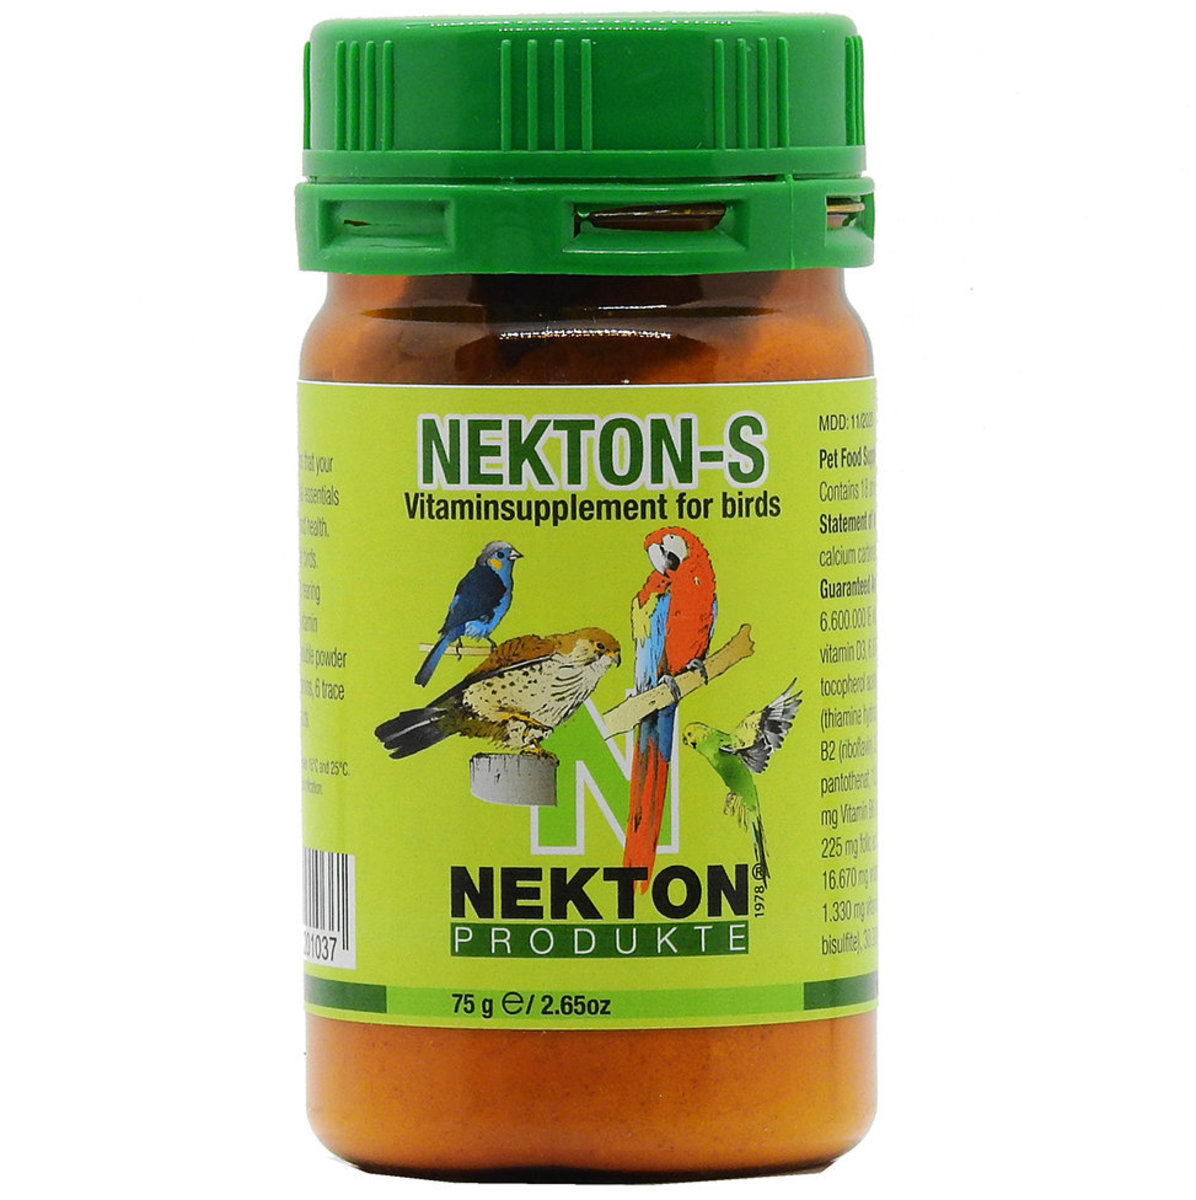 Nekton-S Vitaminsupplement for Birds 75g